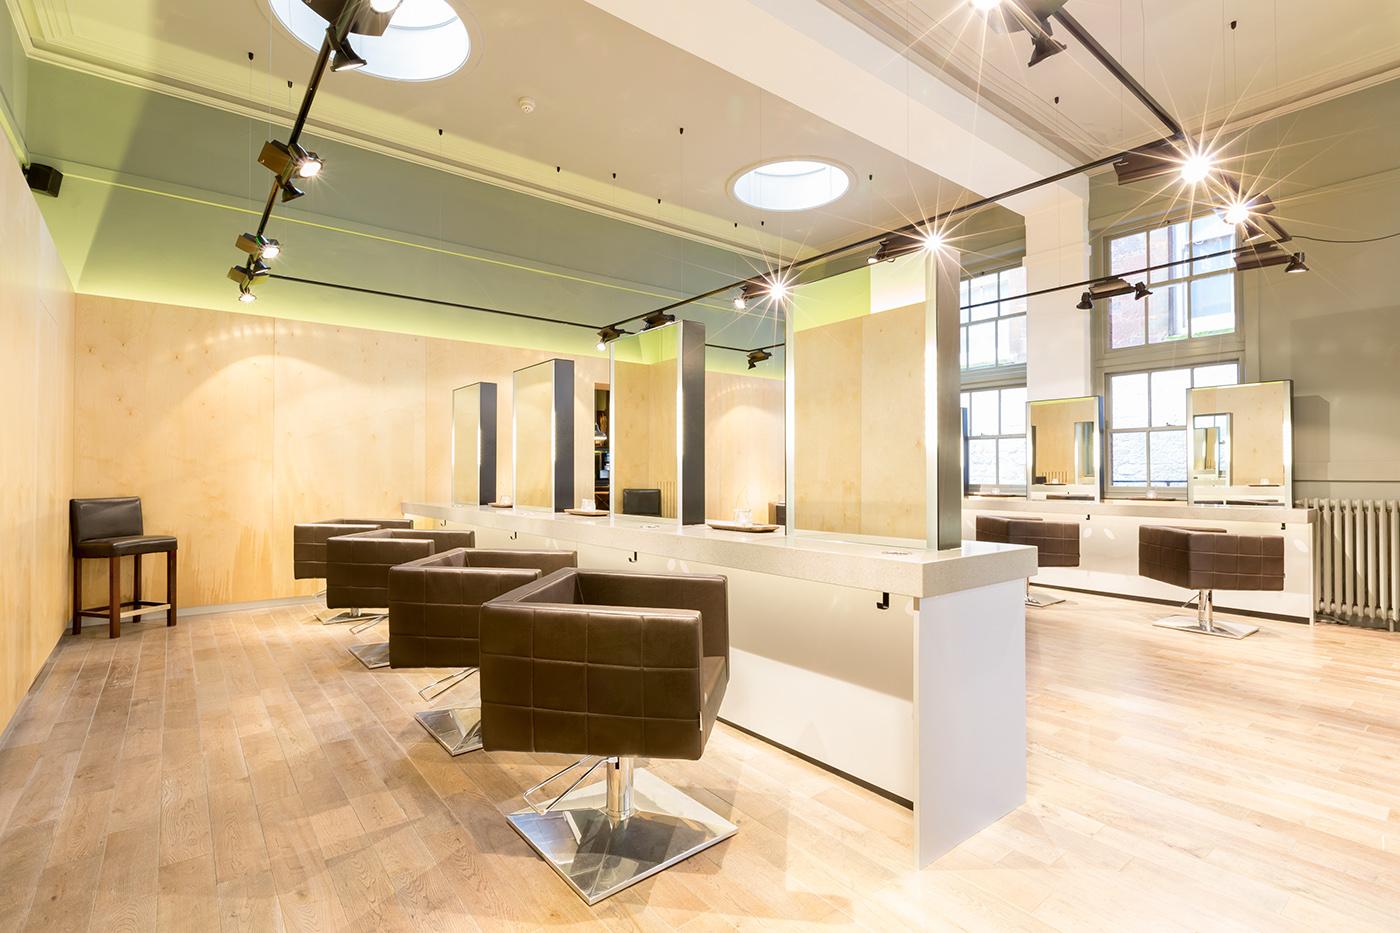 Aveda lifestyle salon amanda marsden exeter uk on behance for Salon architecture